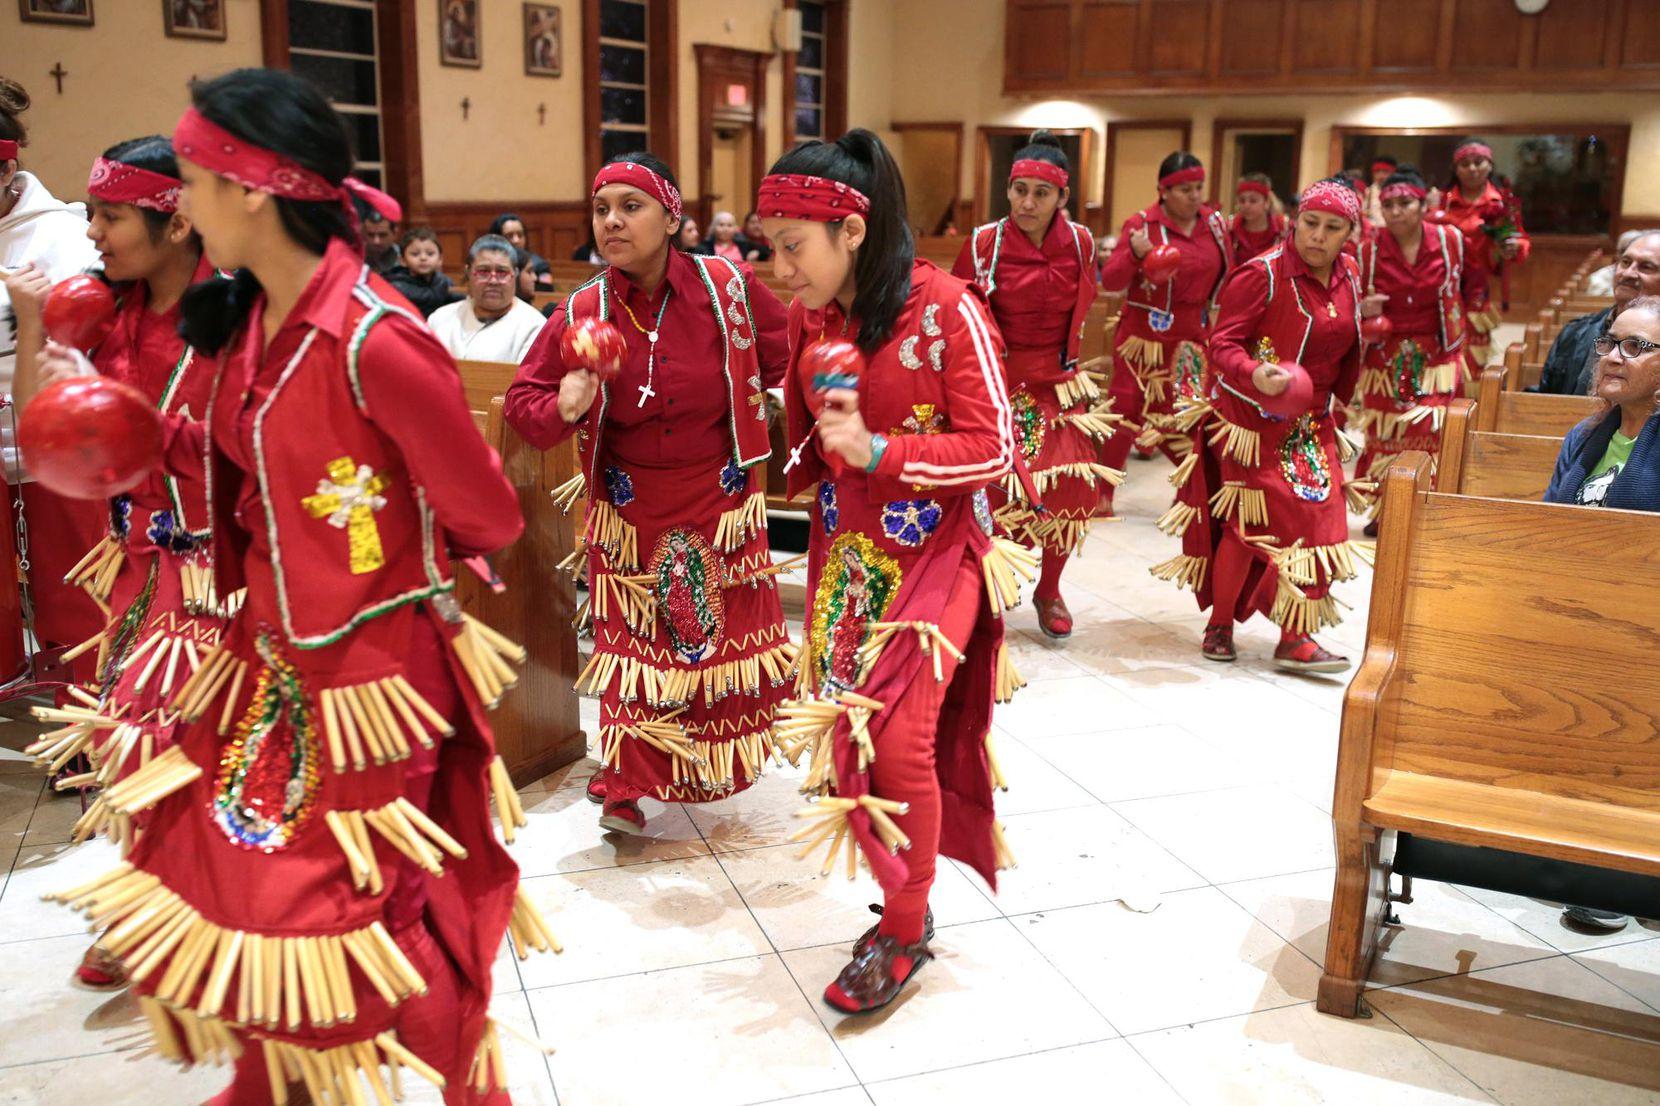 El conjunto Danza las Tres Lunas homenajeó a la Virgen de Guadalupe el luens, en la iglesia Inmaculada Concepción de Grand Prairie. MARIA OLIVAS/ESPECIAL PARA AL DÍA